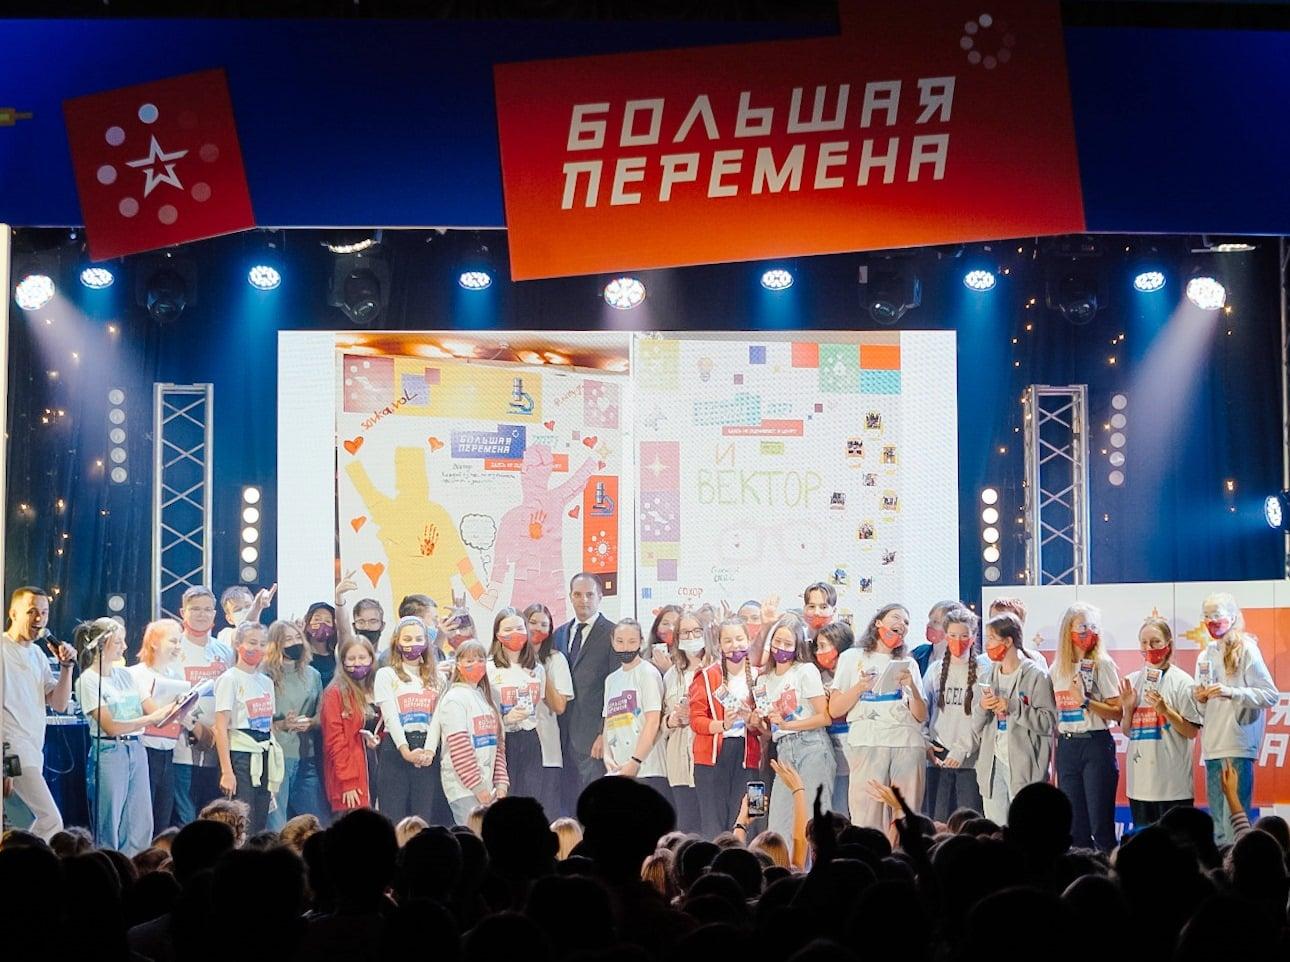 Роман Колесов поучаствовал в торжественном закрытии первой смены «Большой перемены»